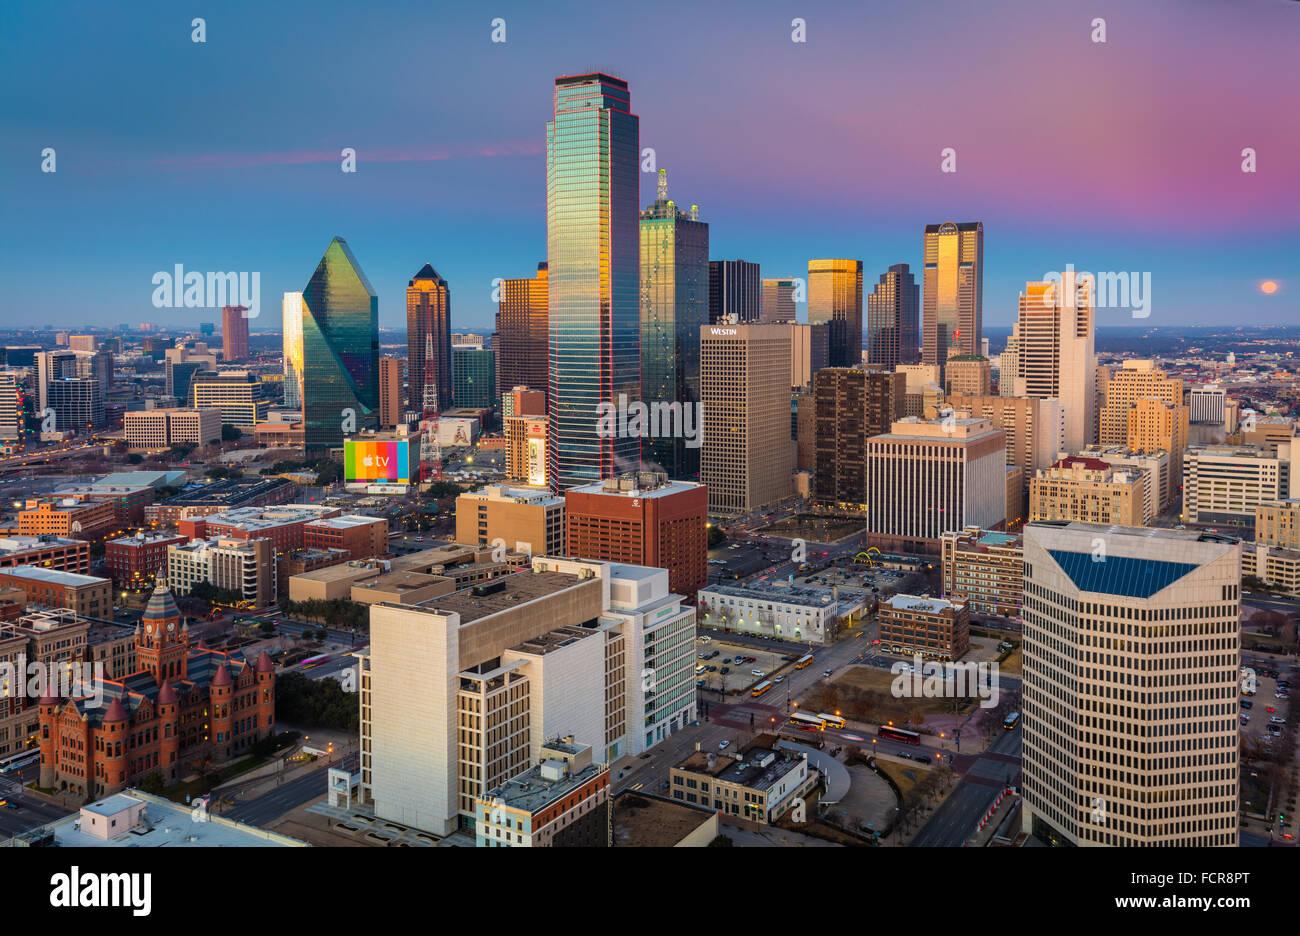 Dallas est la neuvième ville la plus peuplée des États-Unis d'Amérique et la troisième ville la plus peuplée de l'état du Texas. Banque D'Images